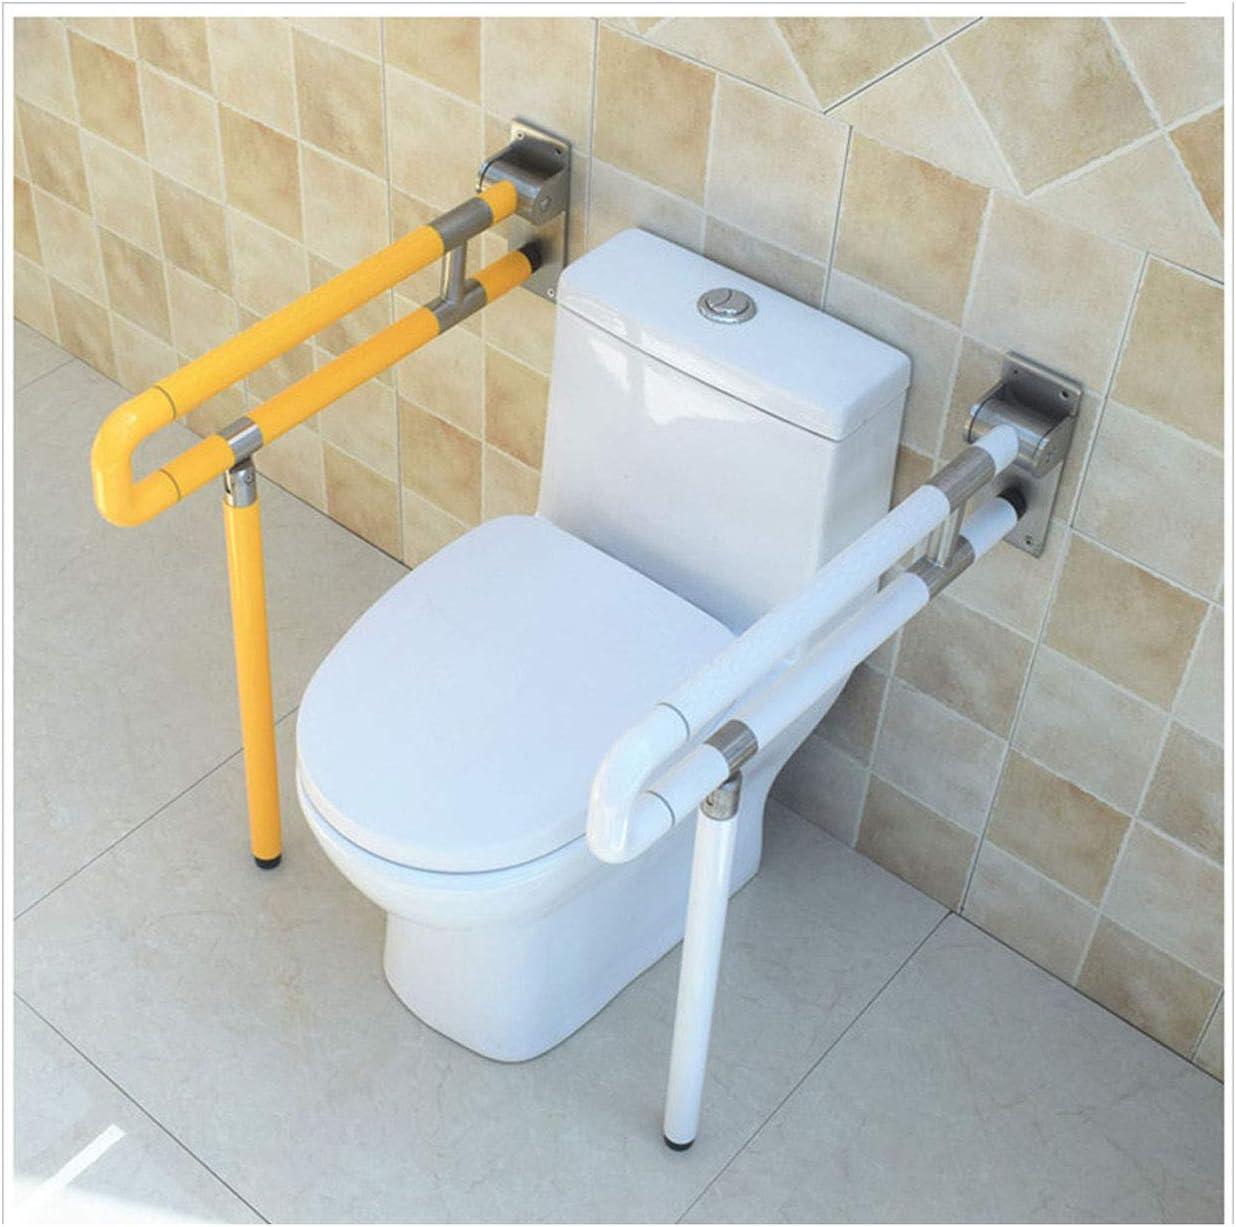 Cajolg Handläufe Haltegriff Badezimmer Haltegriffe Behinderte